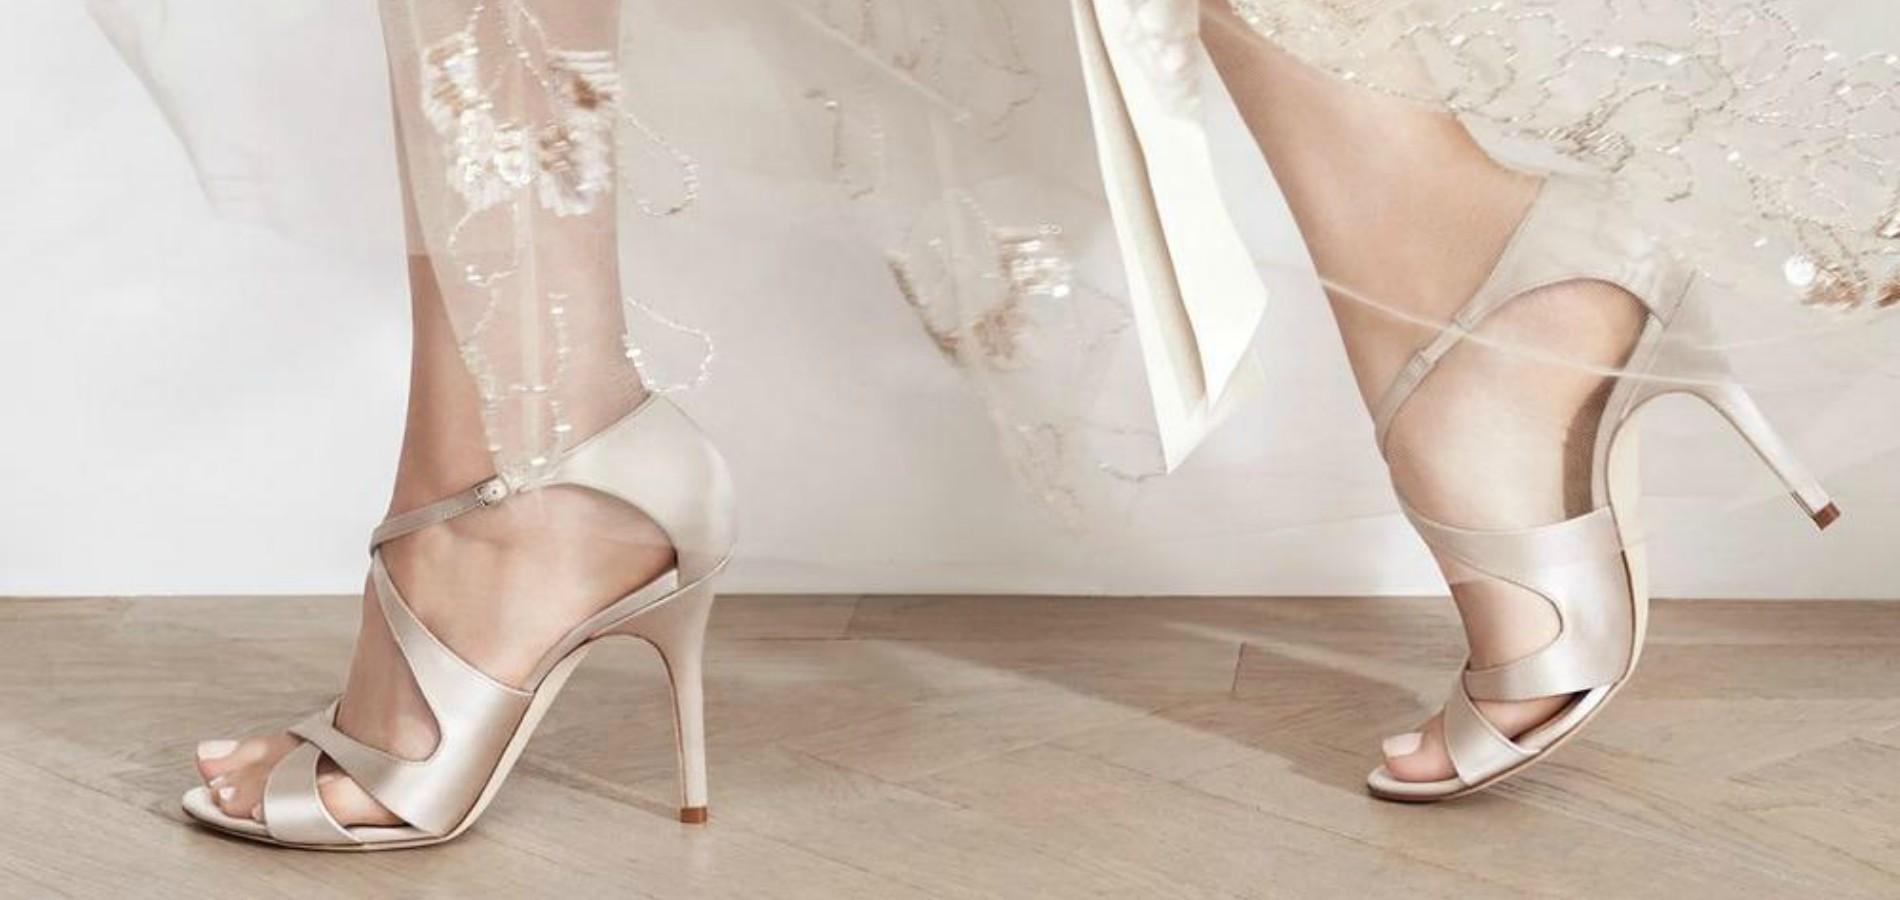 d6718b9312d Découvrez notre sélection de souliers pour toutes les mariées.